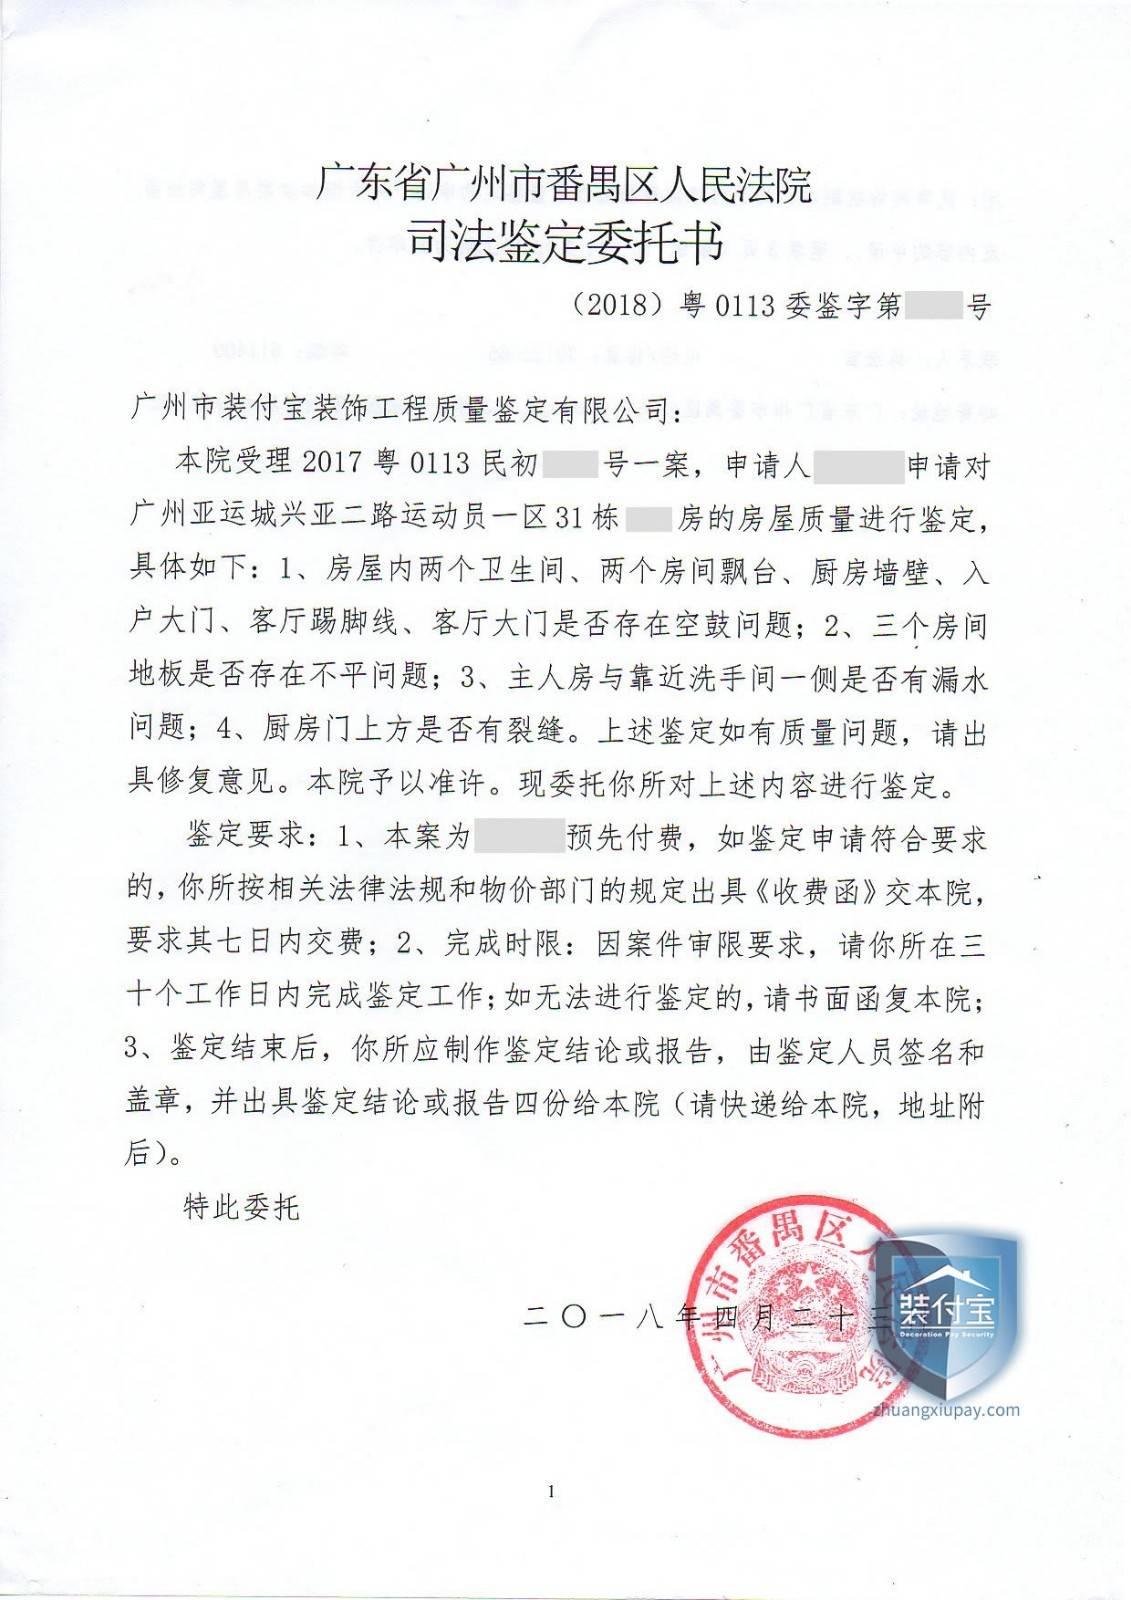 广州亚运城装修质量鉴定,厨房,房间,大厅分别做了质量鉴定与修复方案